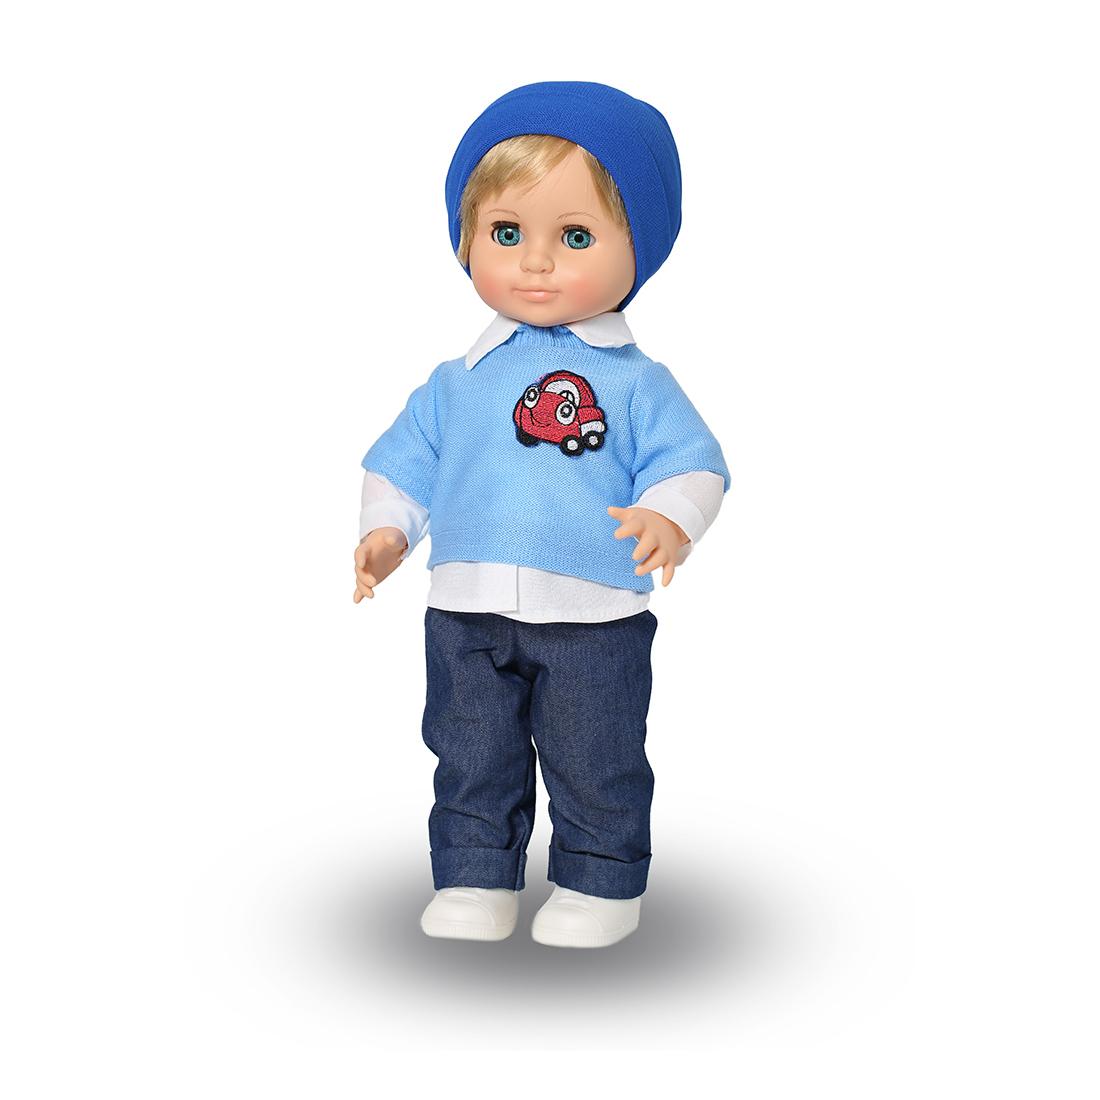 Картинка кукла мальчик